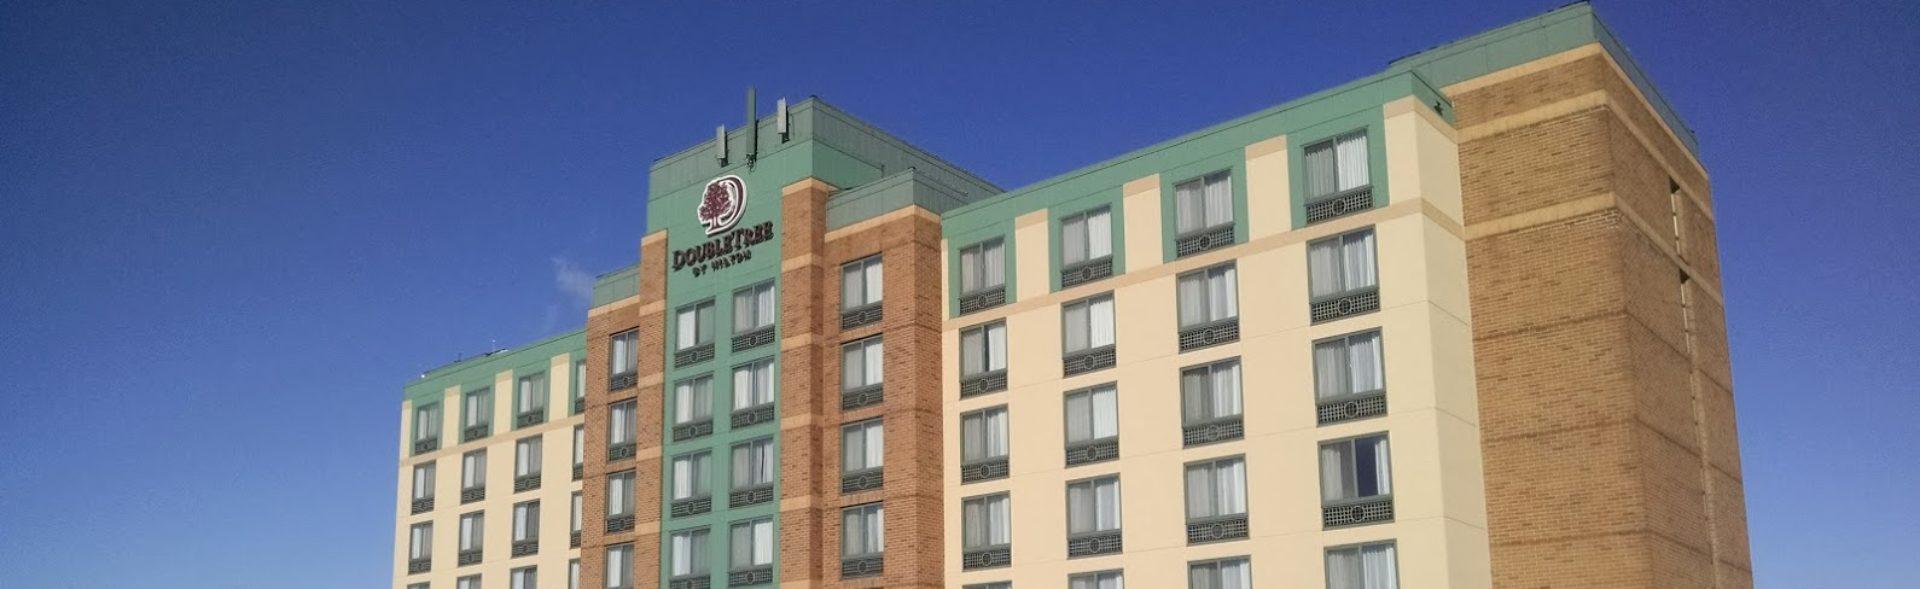 Hotel Appraisers & Advisors